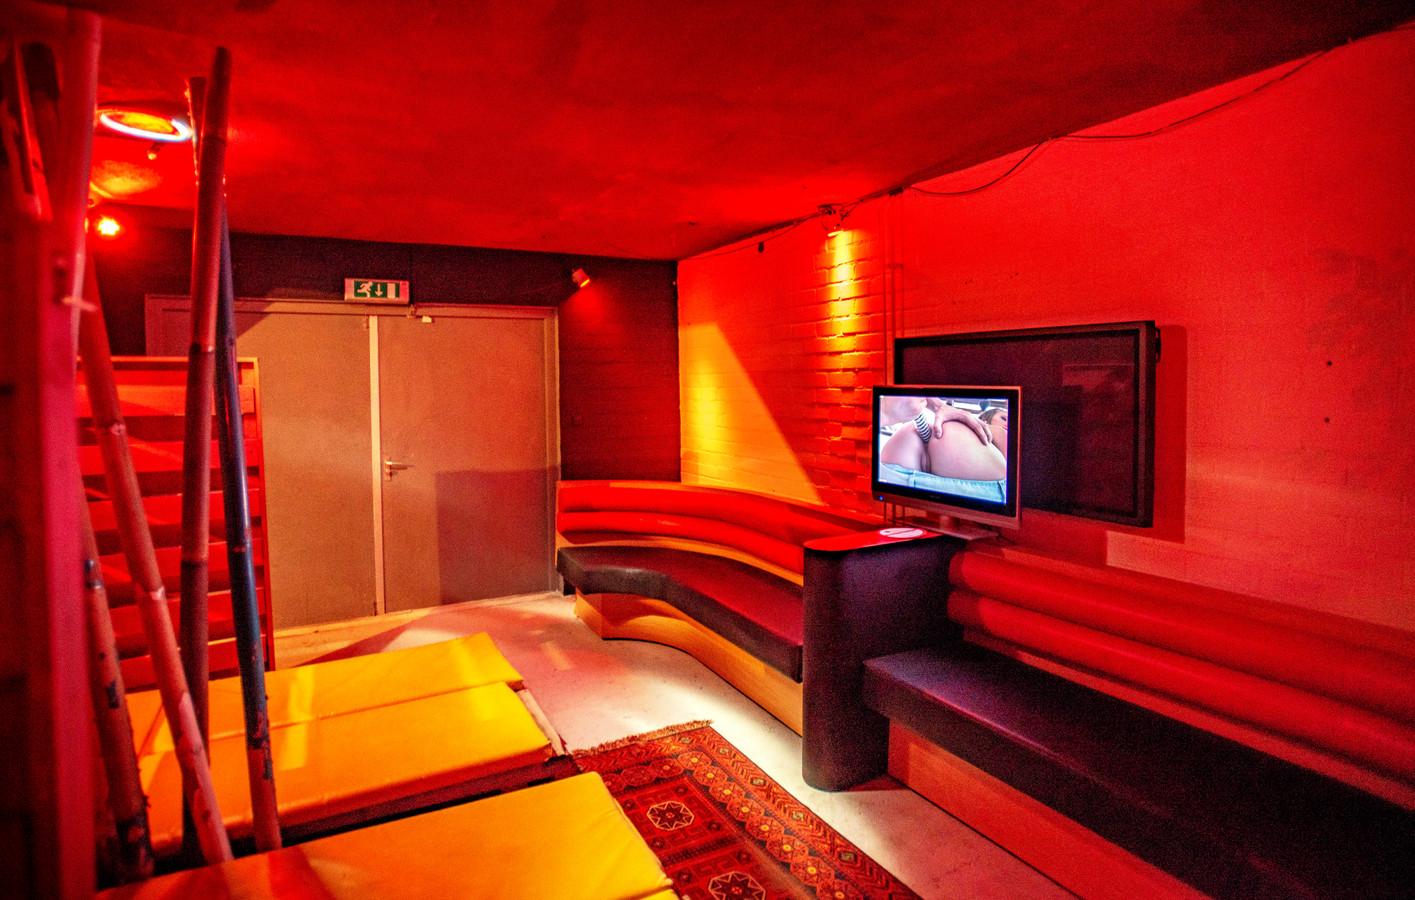 De ruimte waar 'educatieve natuurfilms' worden vertoond. Ook hier geldt het 'safe sex'-principe: Ibiza vertoont alleen films waarin condooms worden gebruikt.